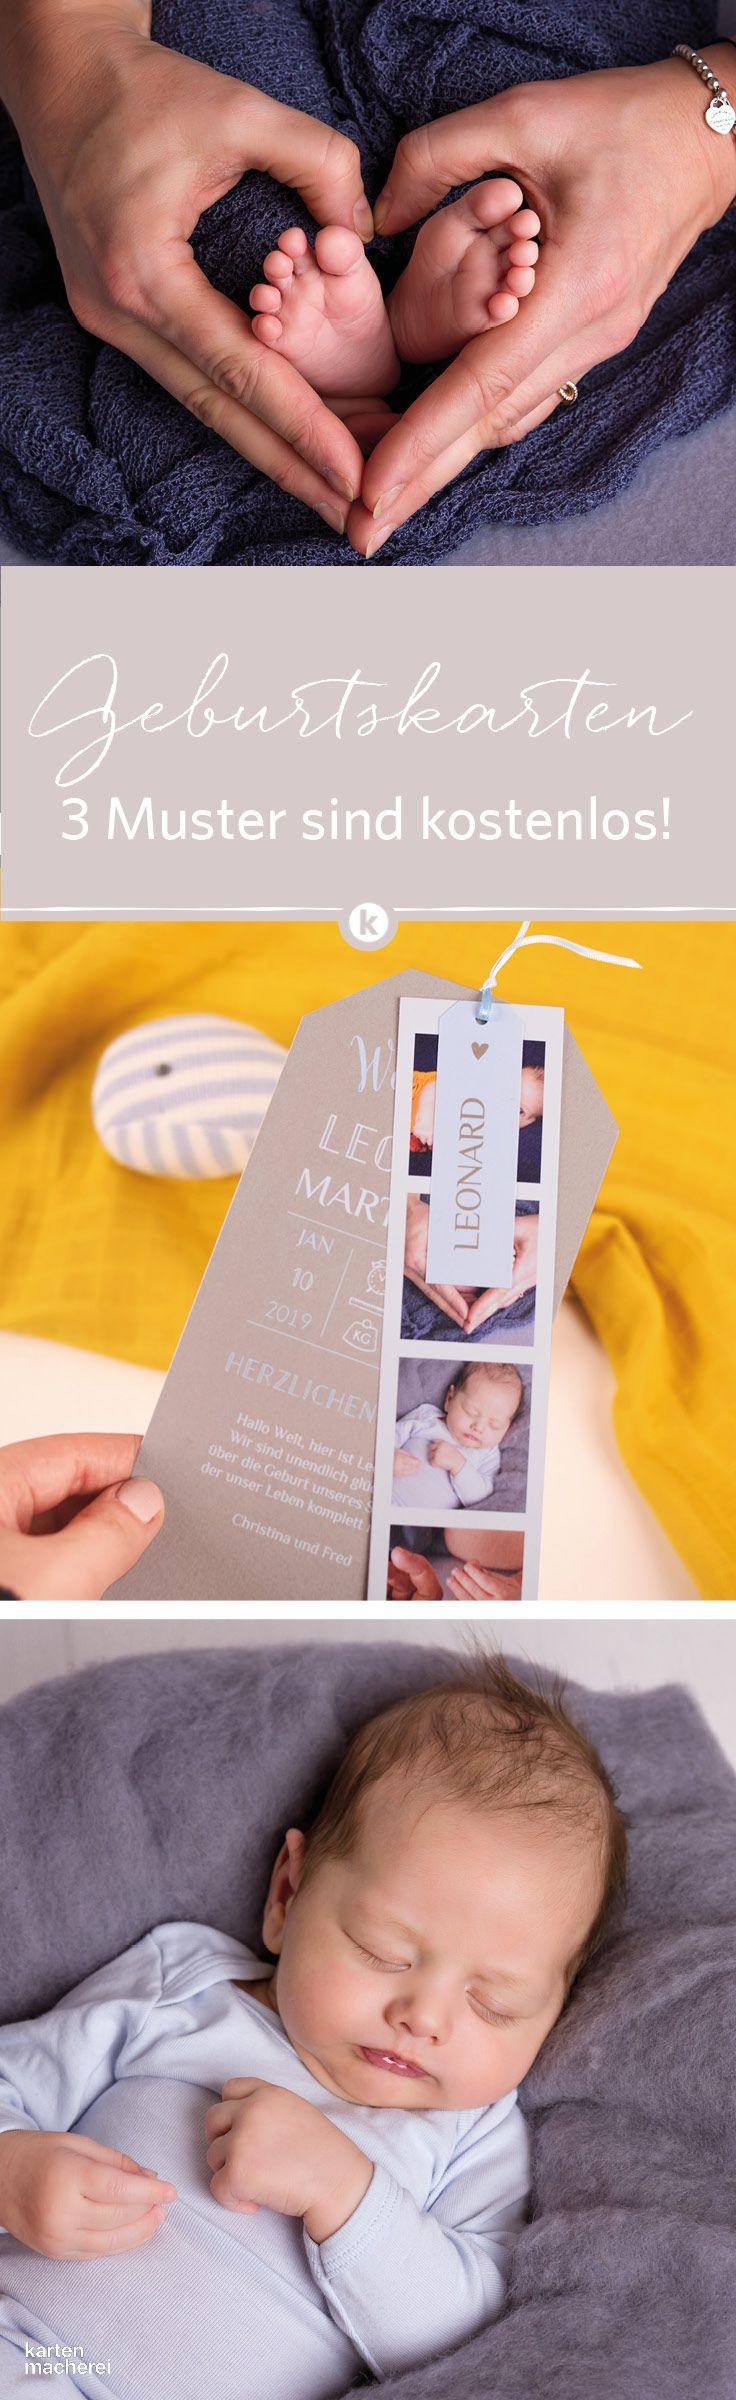 ✨✨✨Du suchst die perfekte Karte zur Geburt? Klick dich durch unsere Babypapeterie! ✨✨✨ PS: Jetzt gratis Musterkarten bestellen!